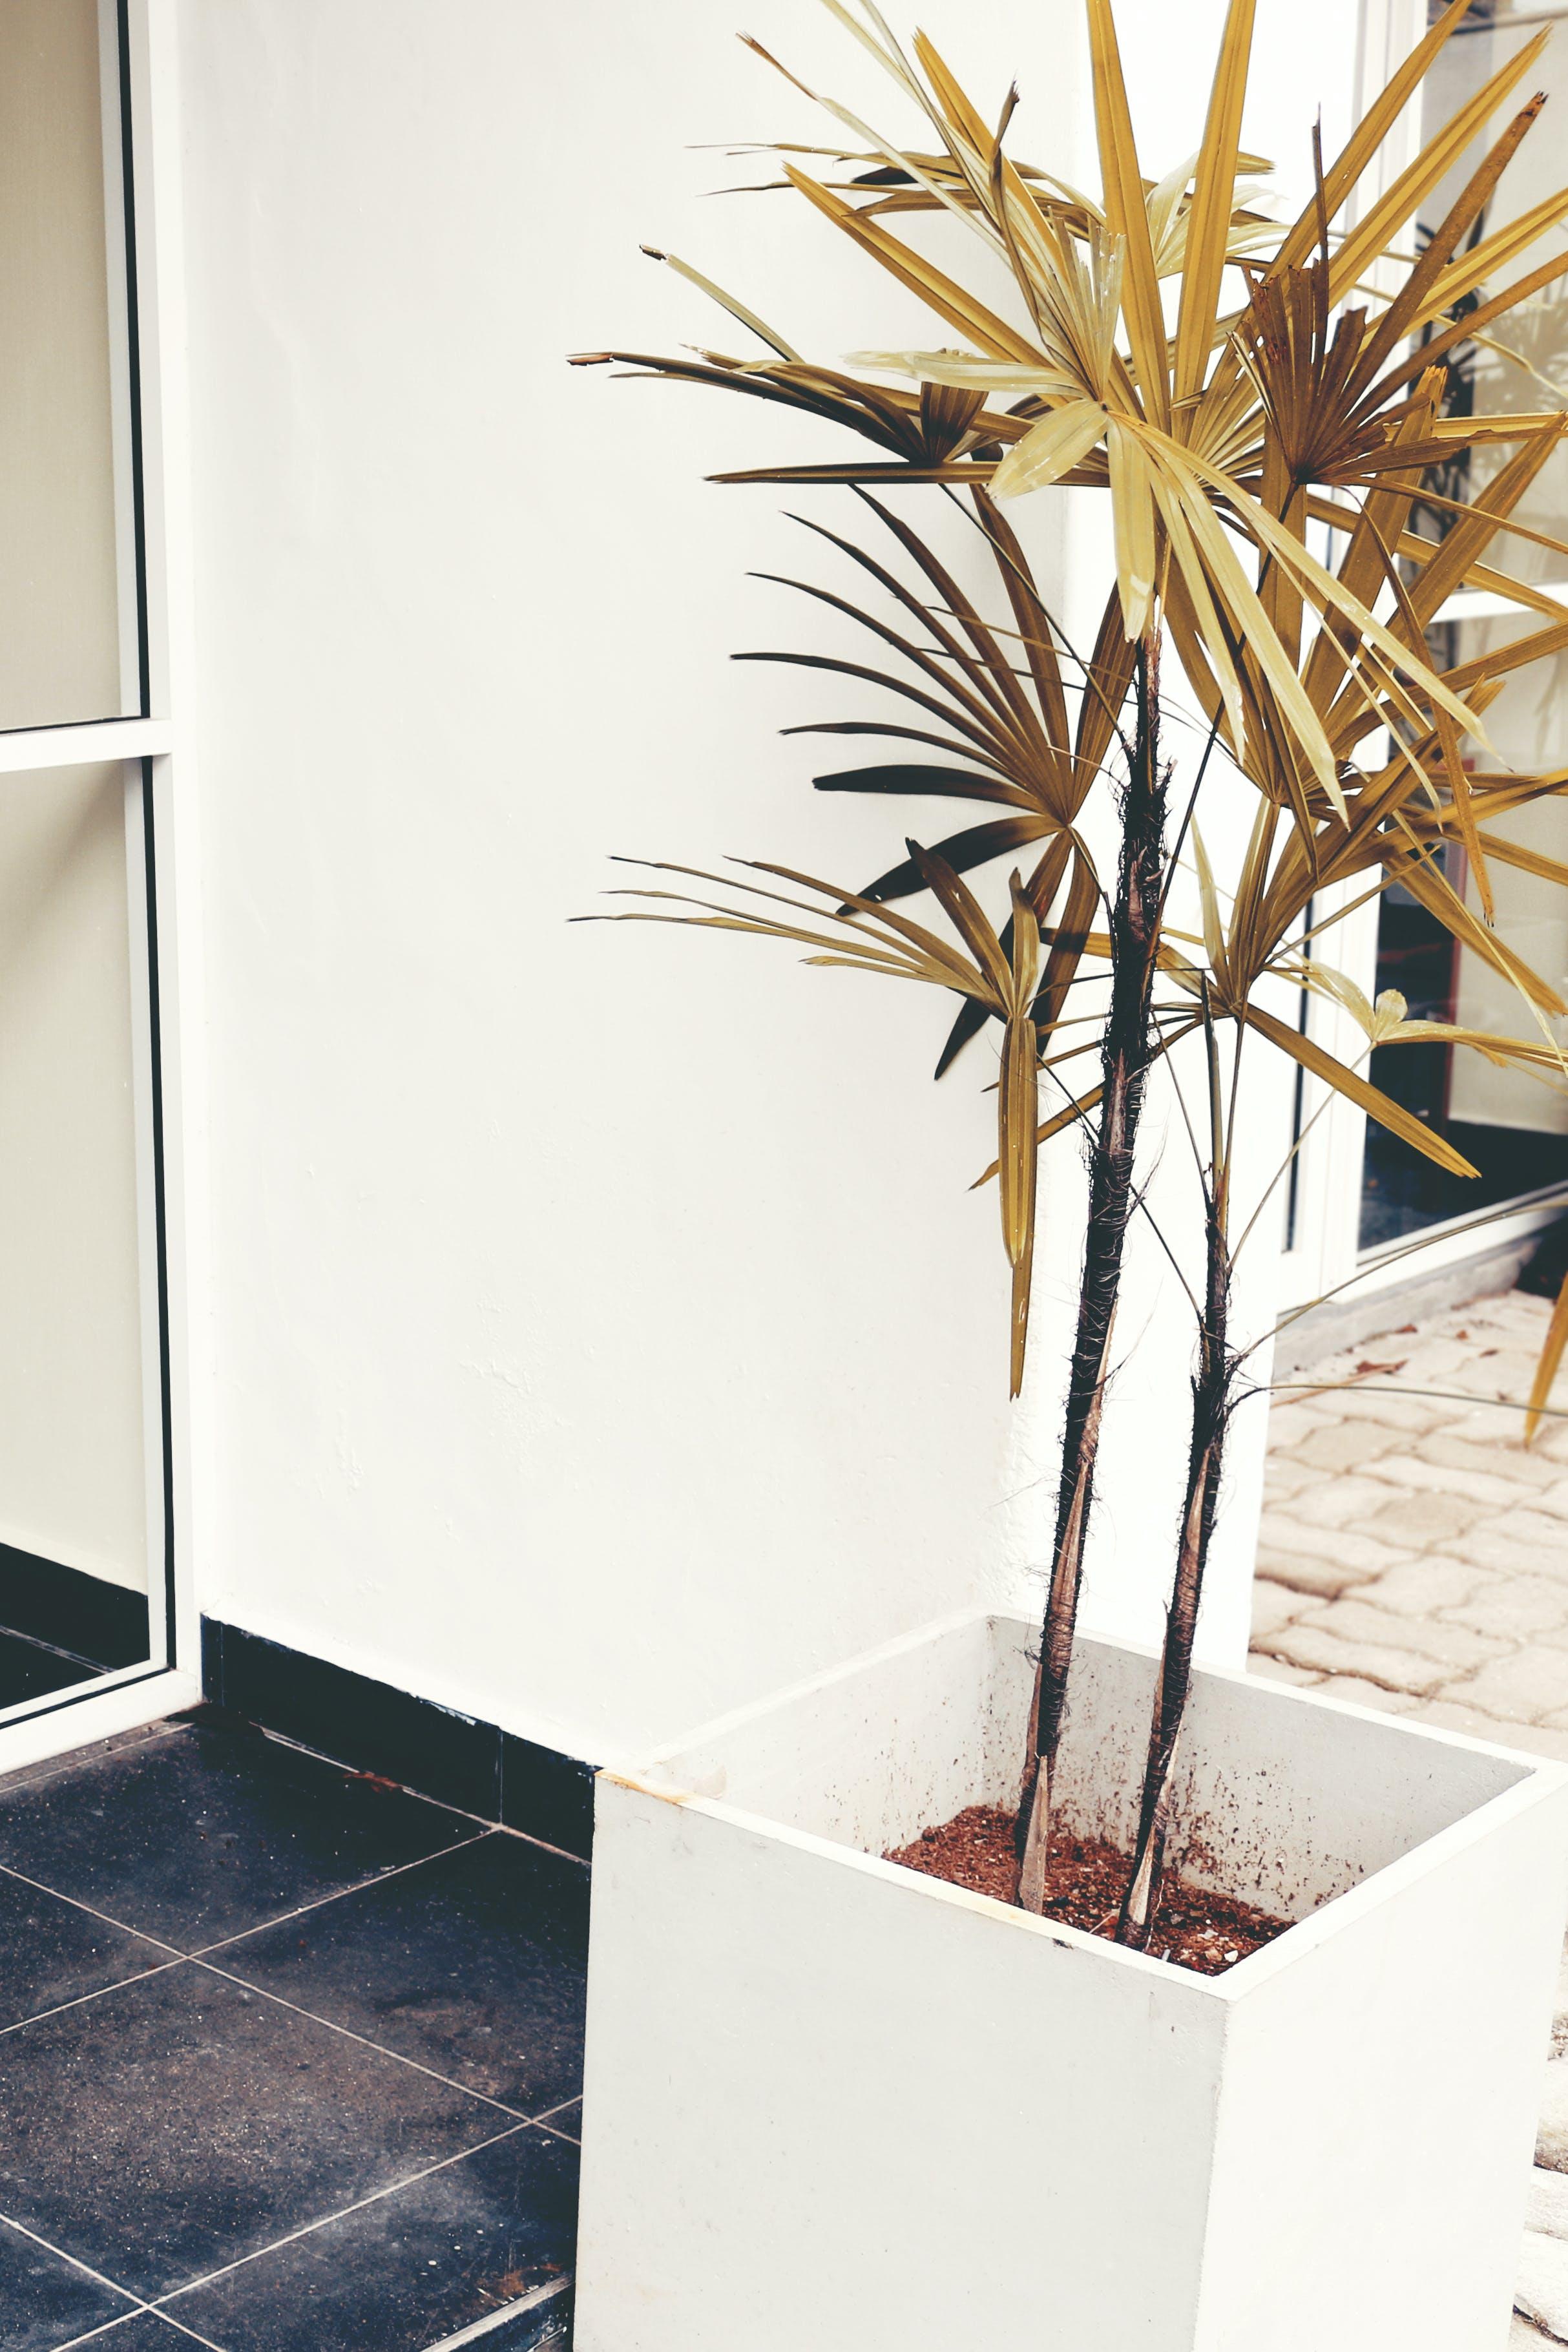 ağaç, bitki, büyüme, çevre içeren Ücretsiz stok fotoğraf